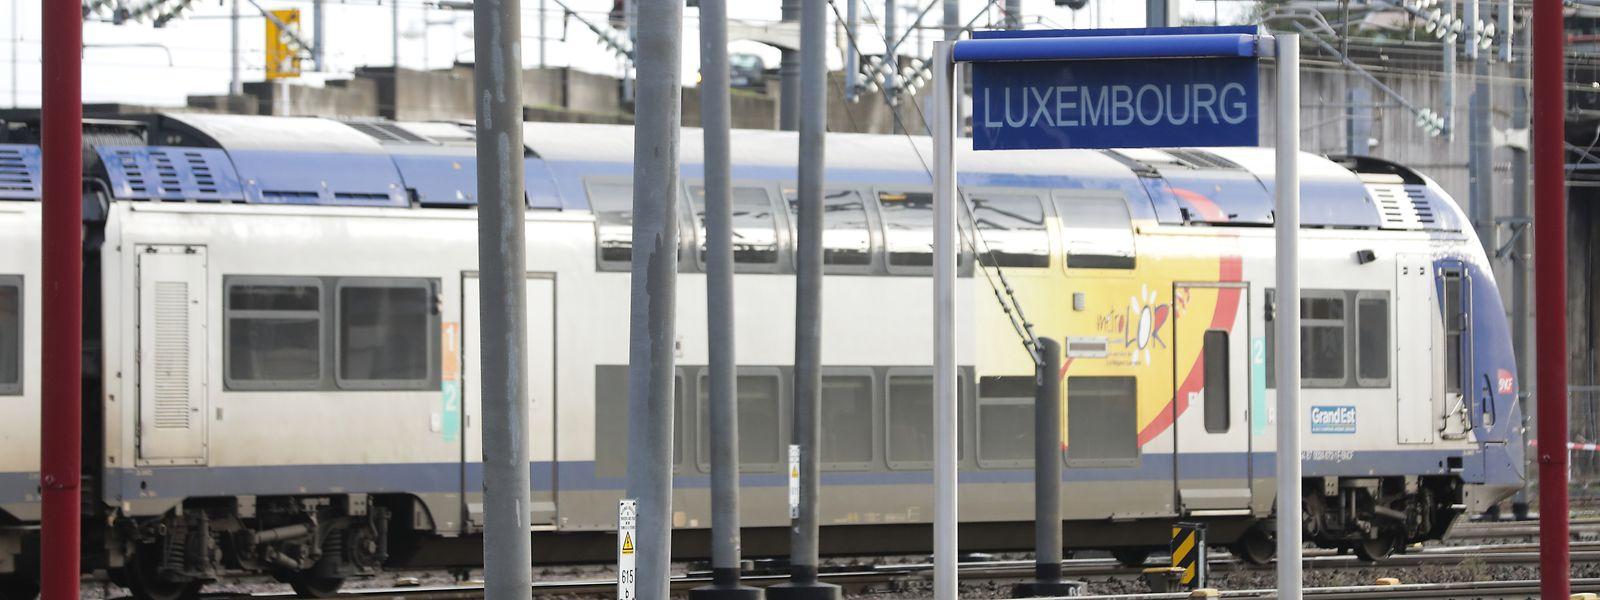 La SNCF a annoncé une légère amélioration du trafic en ce milieu de semaine.